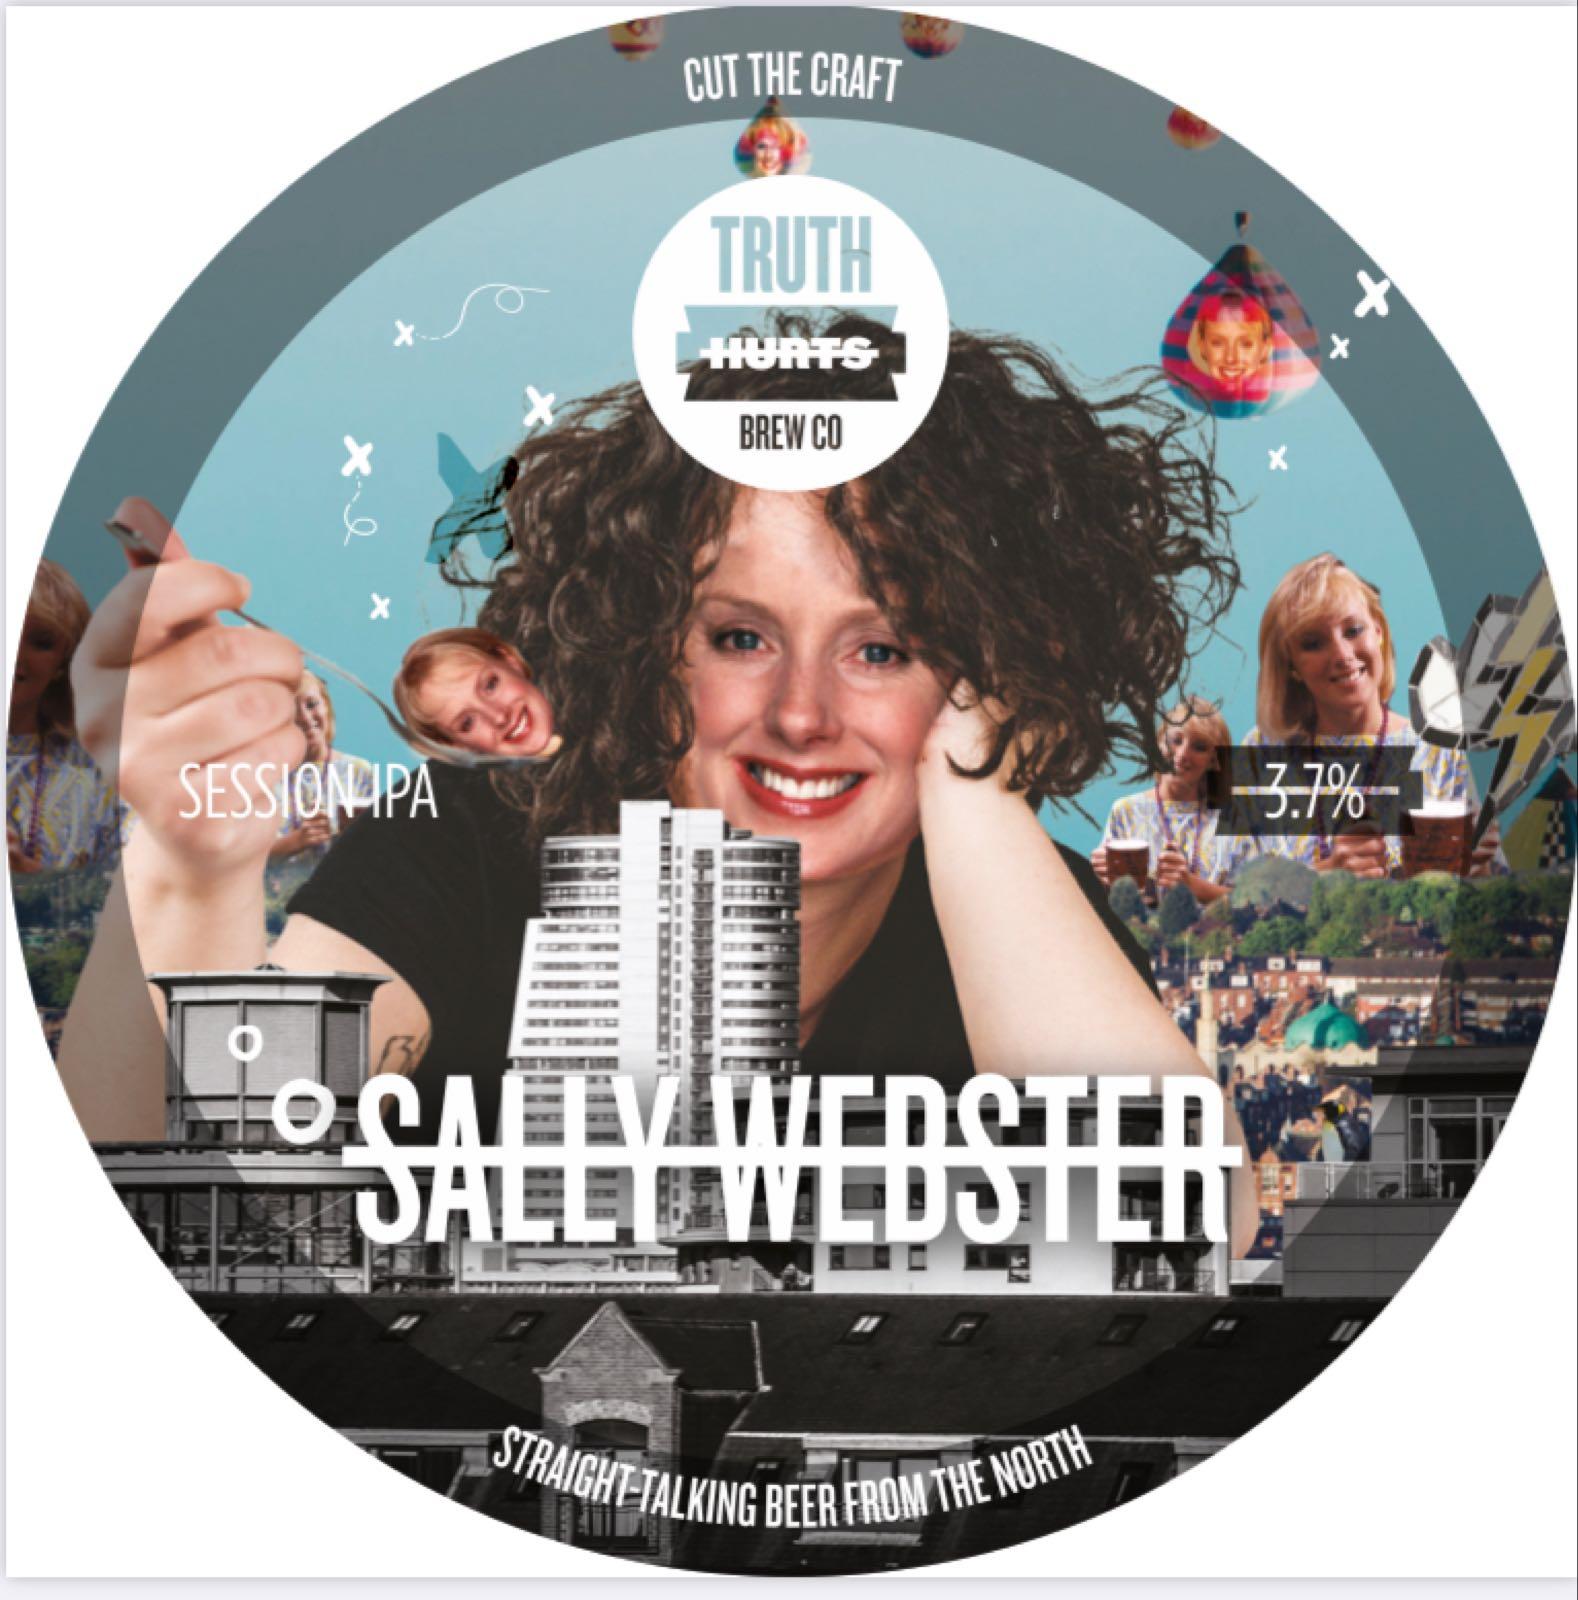 Truth Hurts Sally Webster Session IPA 3.7% 5L Mini-keg